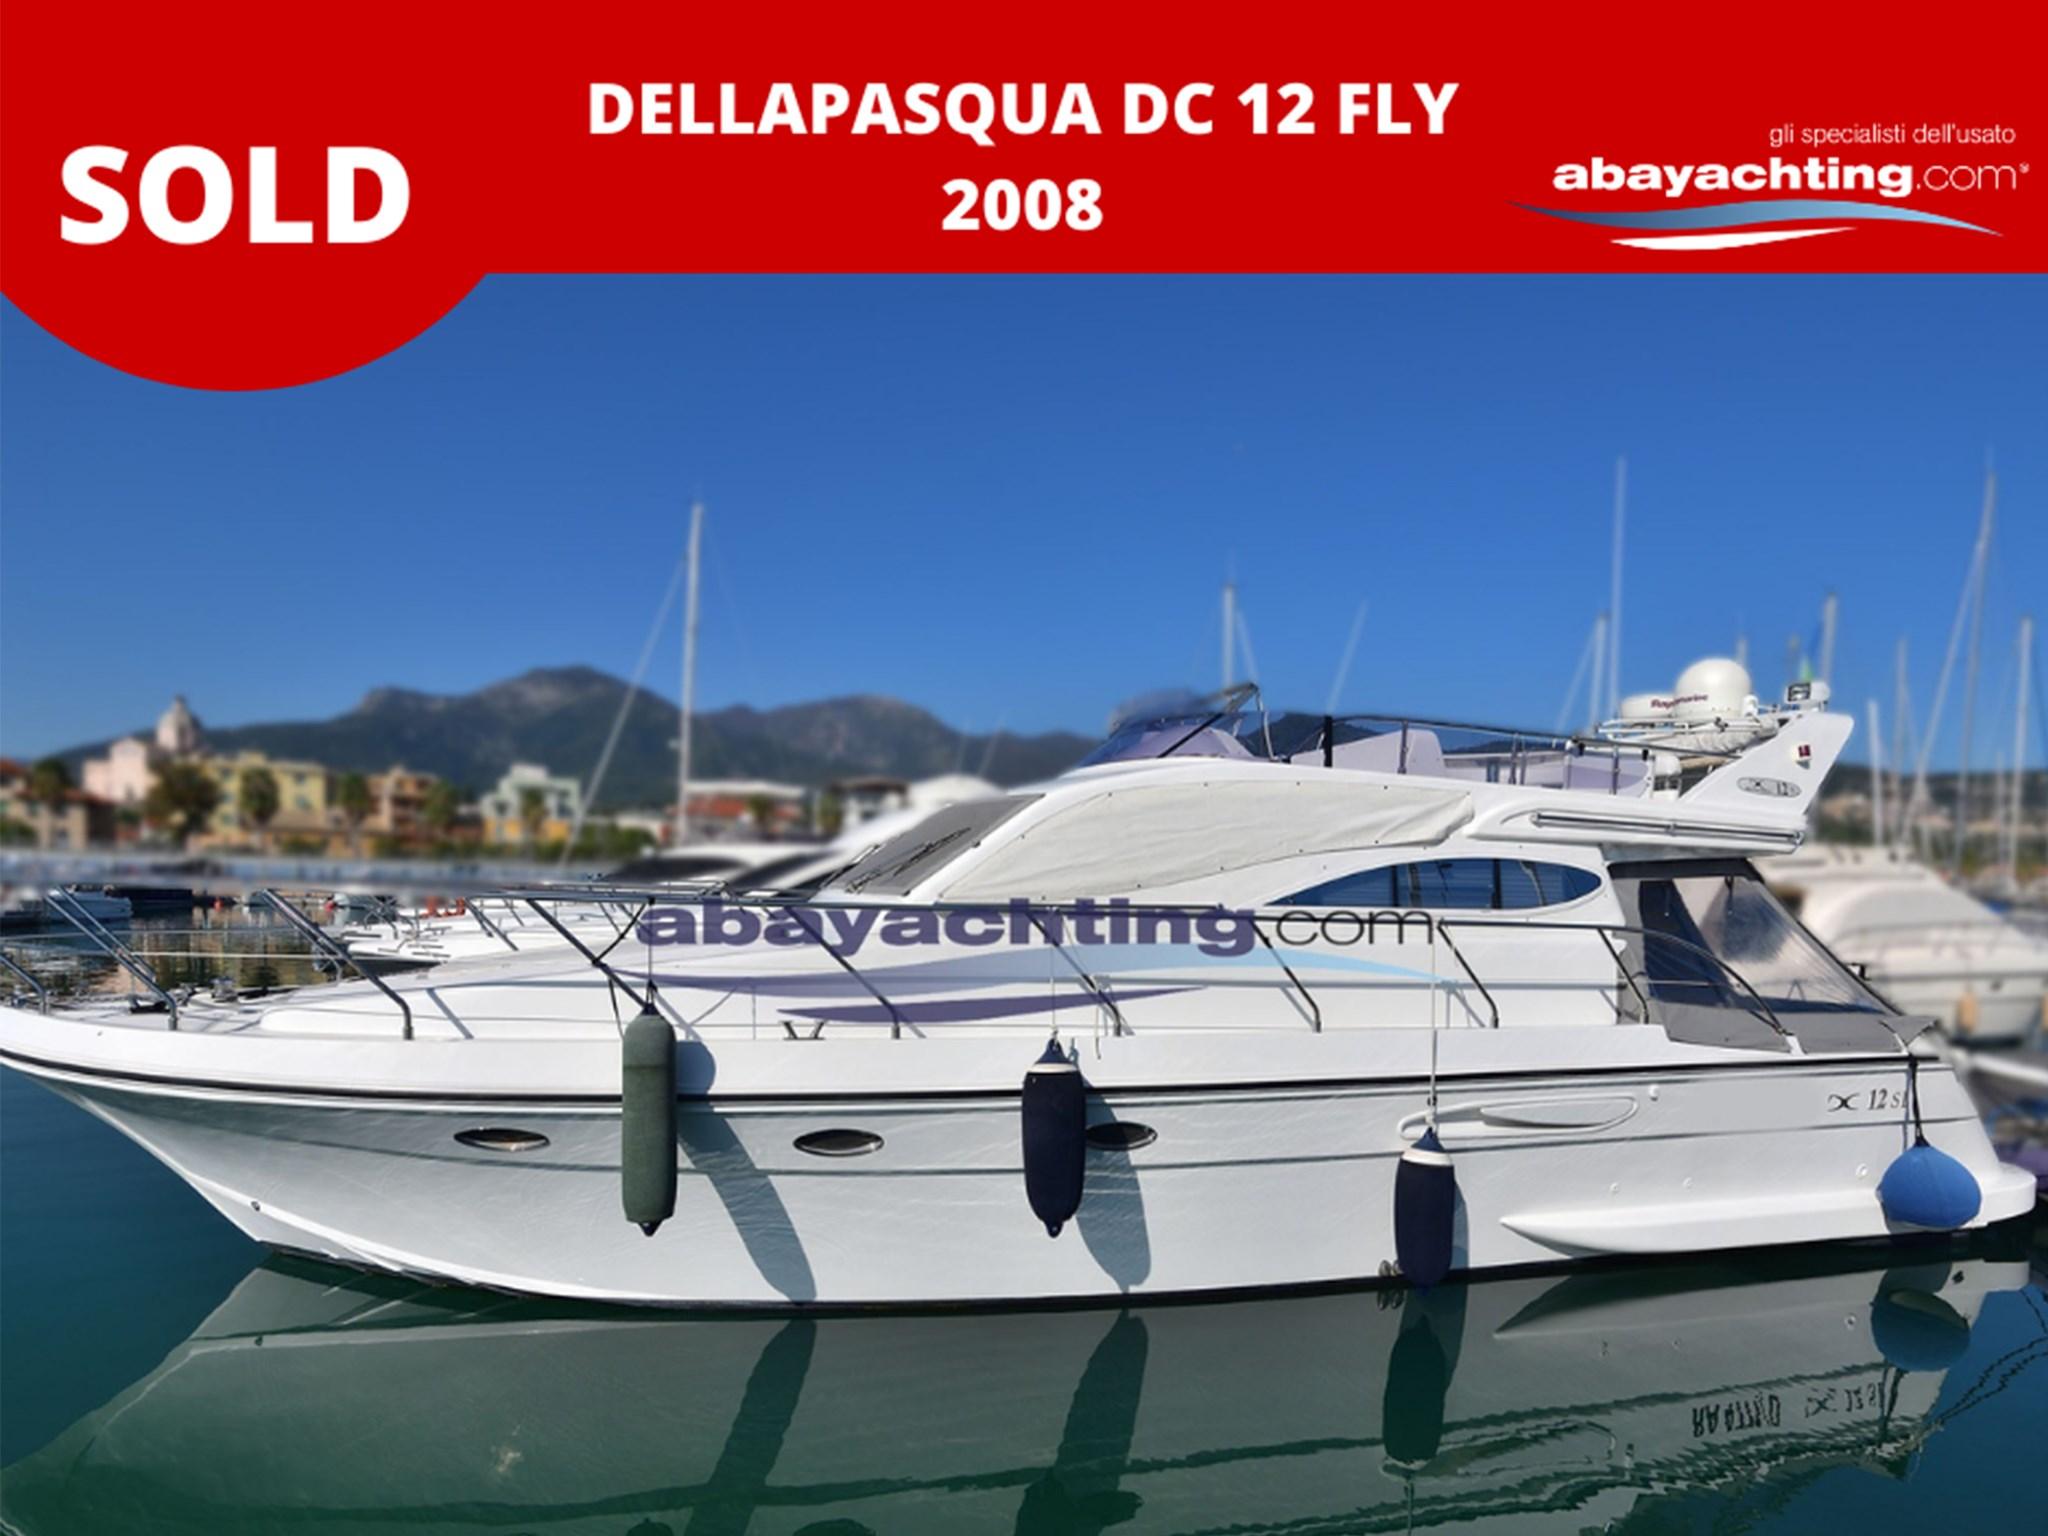 Dellapasqua DC 12 Fly sold